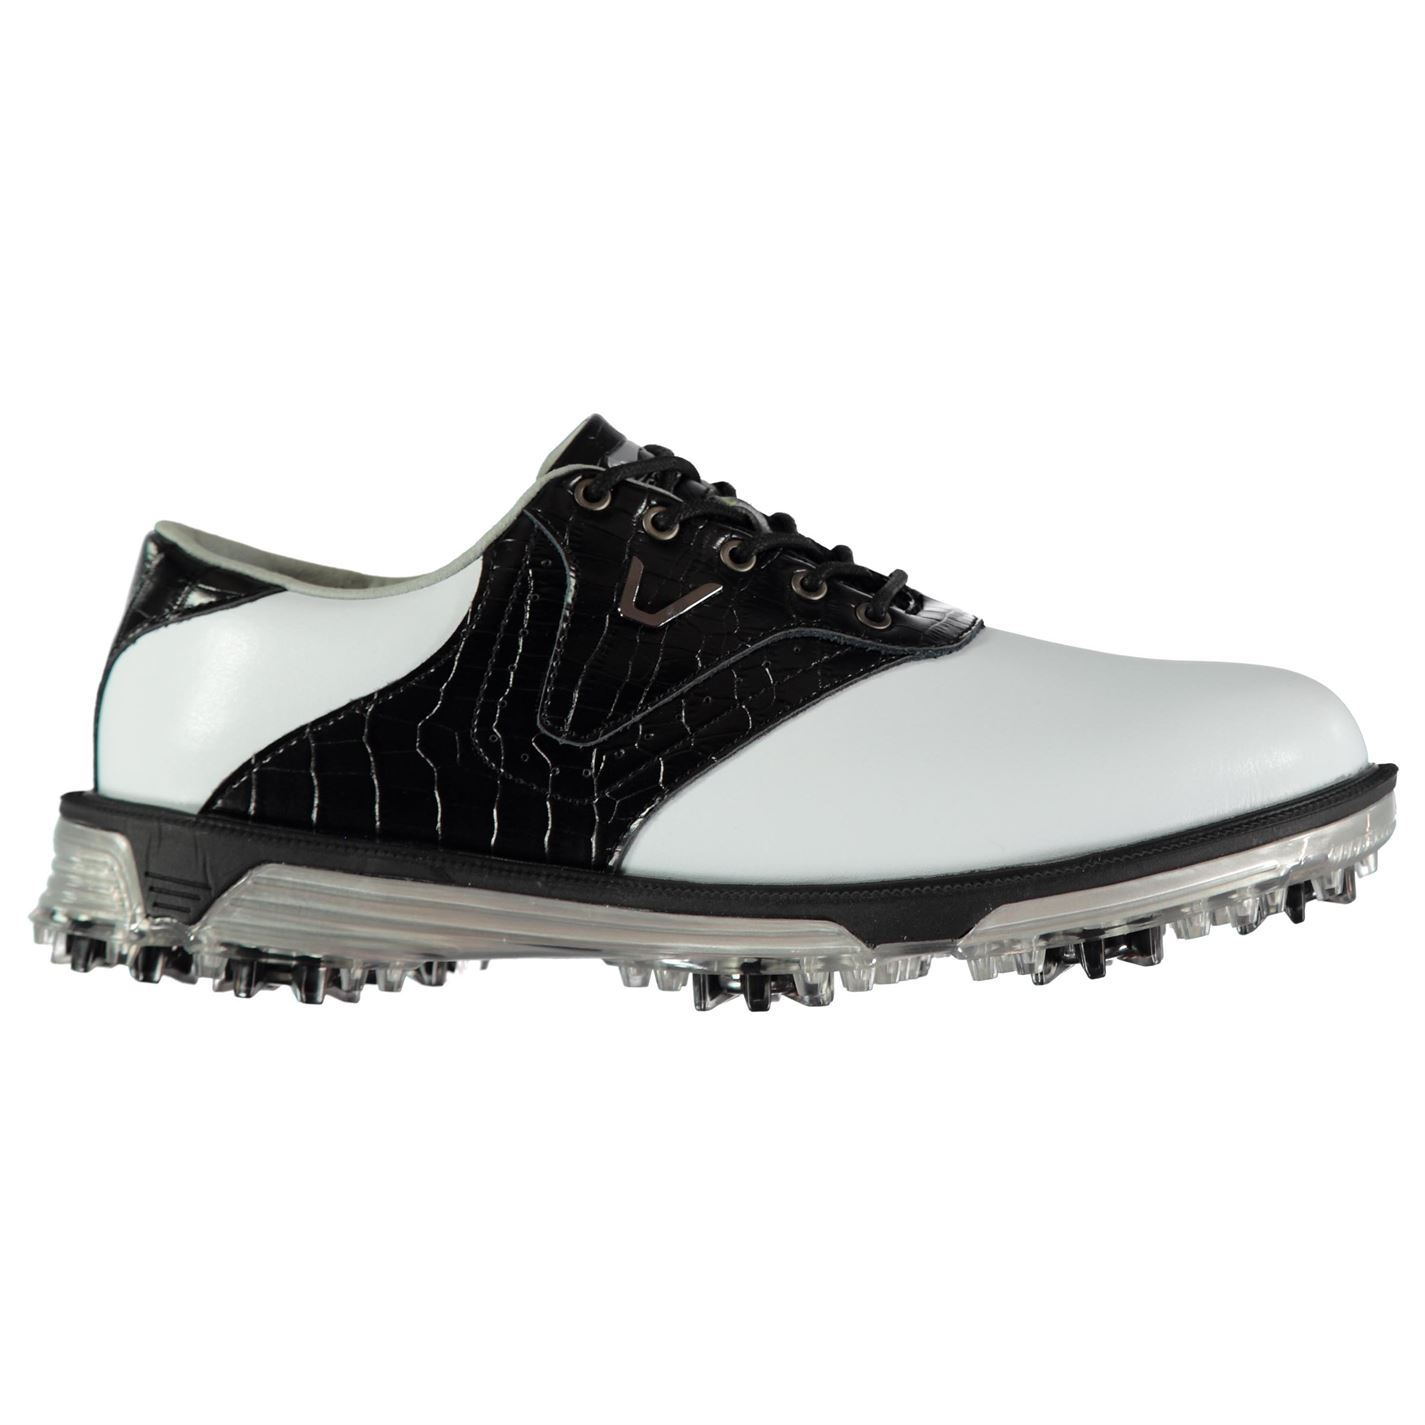 Slazenger-V500-Golf-Shoes-Mens-Spikes-Footwear thumbnail 19